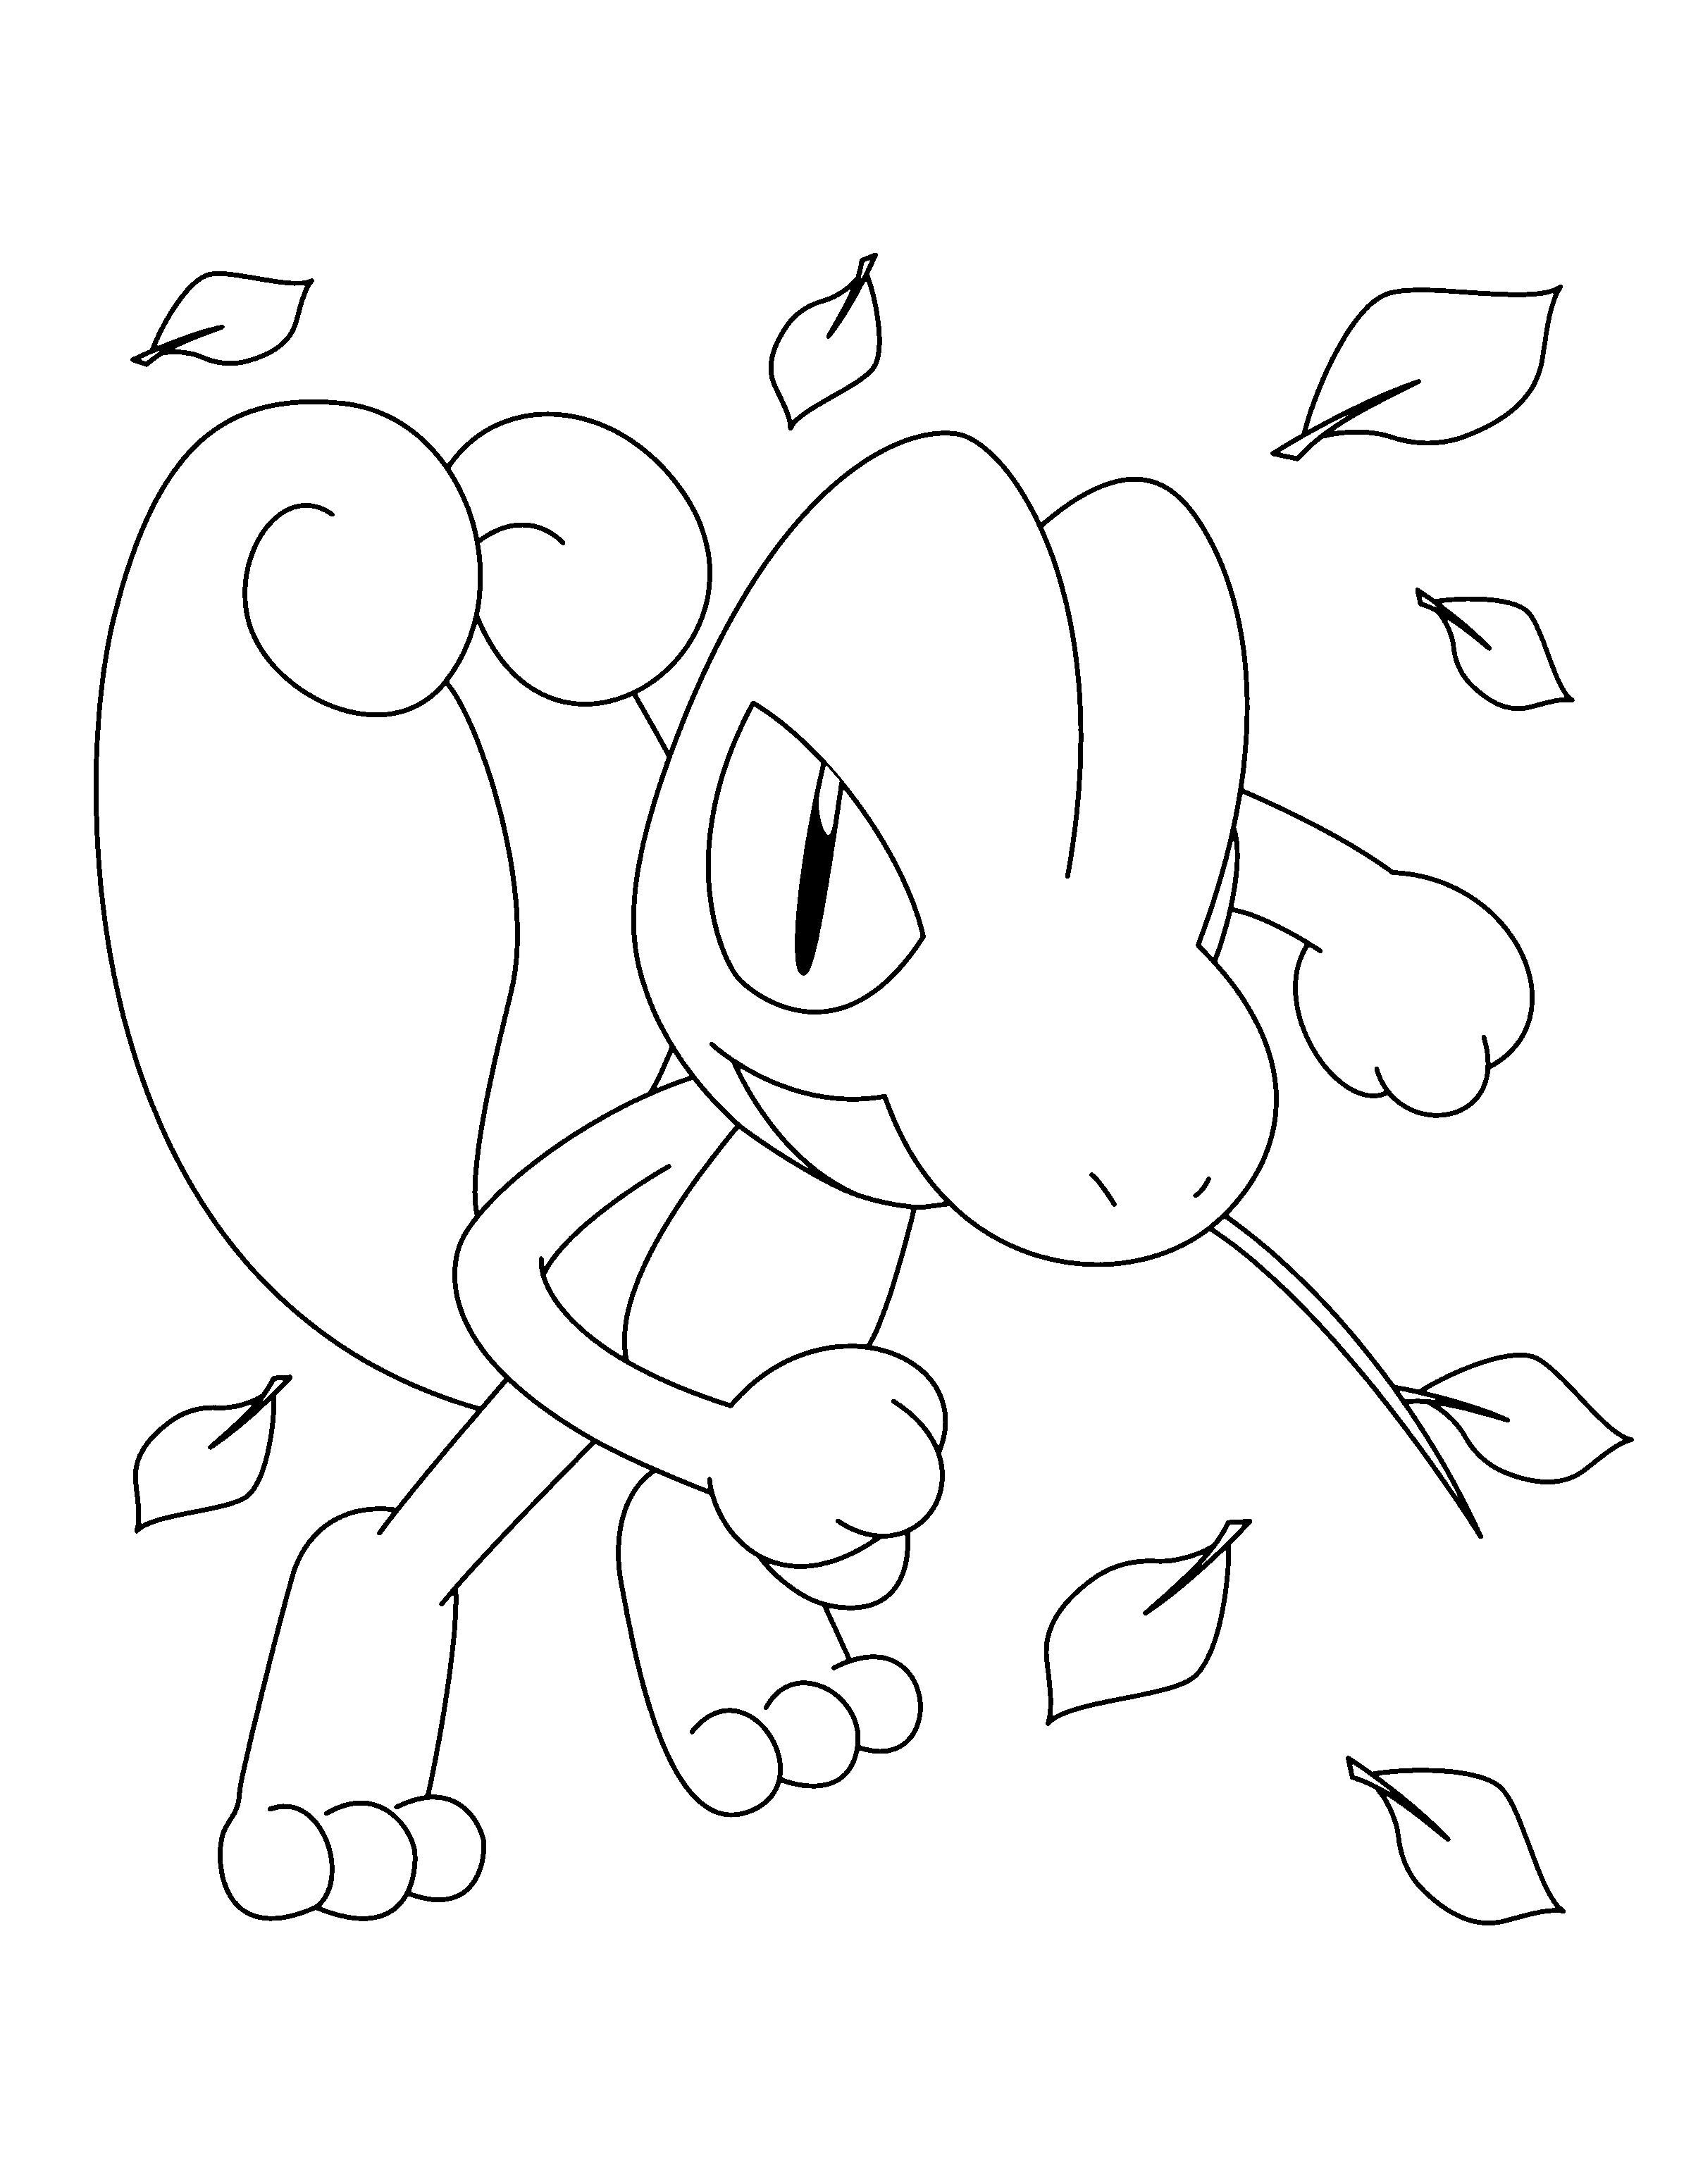 Pokemon Ausmalbilder Kostenlos Neu 37 Fantastisch Pokemon Ausmalbilder Kostenlos – Große Coloring Page Fotos